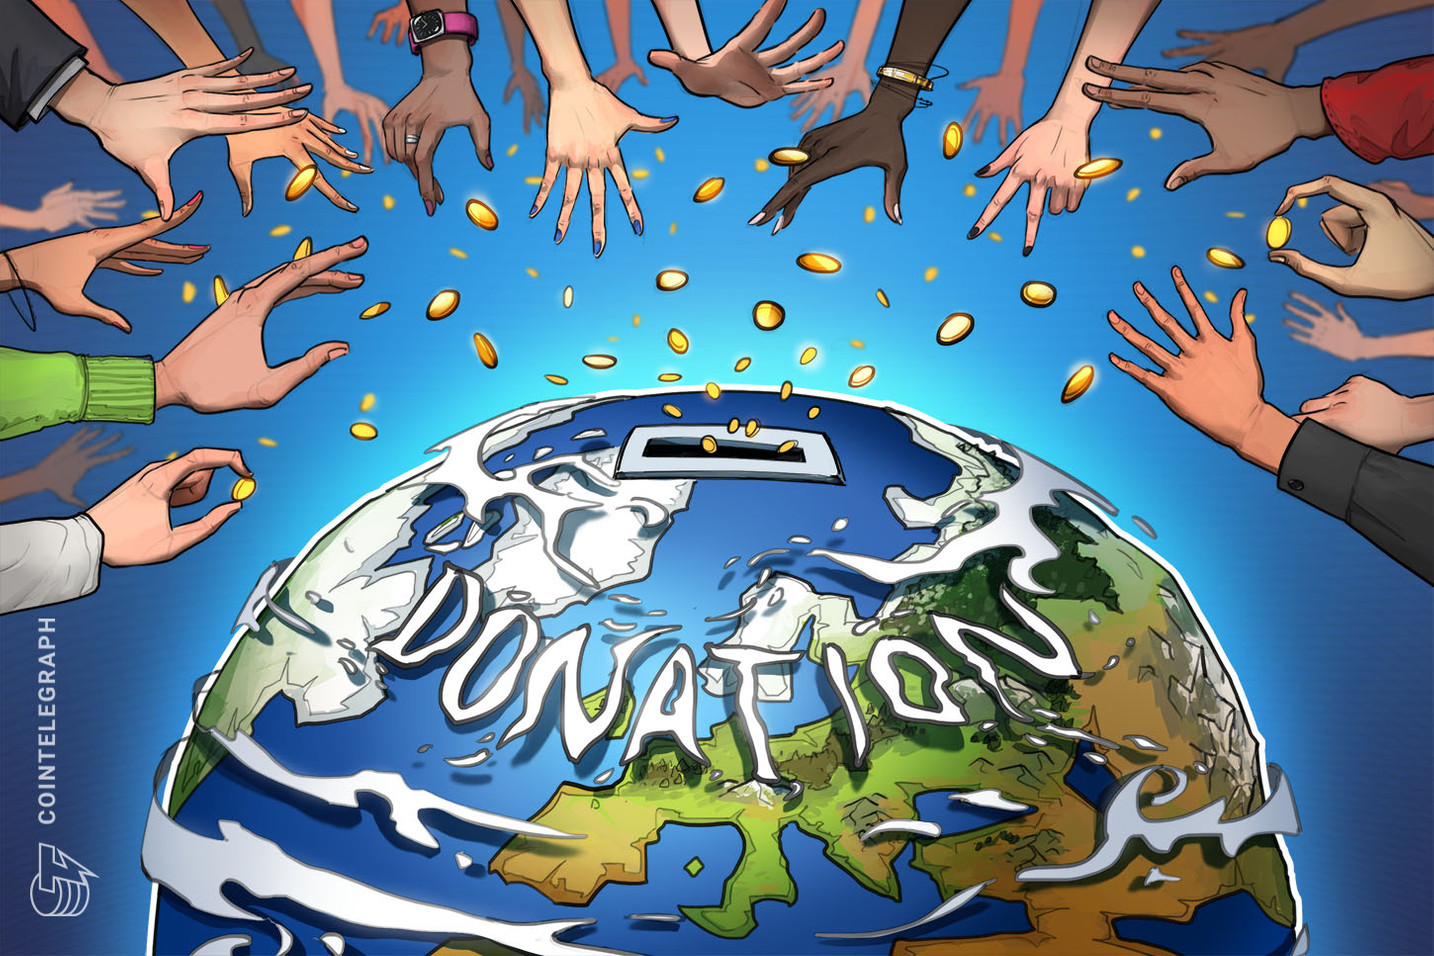 なぜ環境活動家のグレタさんに1億円超の寄付を? 仮想通貨トロン創業者のサン氏に直撃【ニュース】